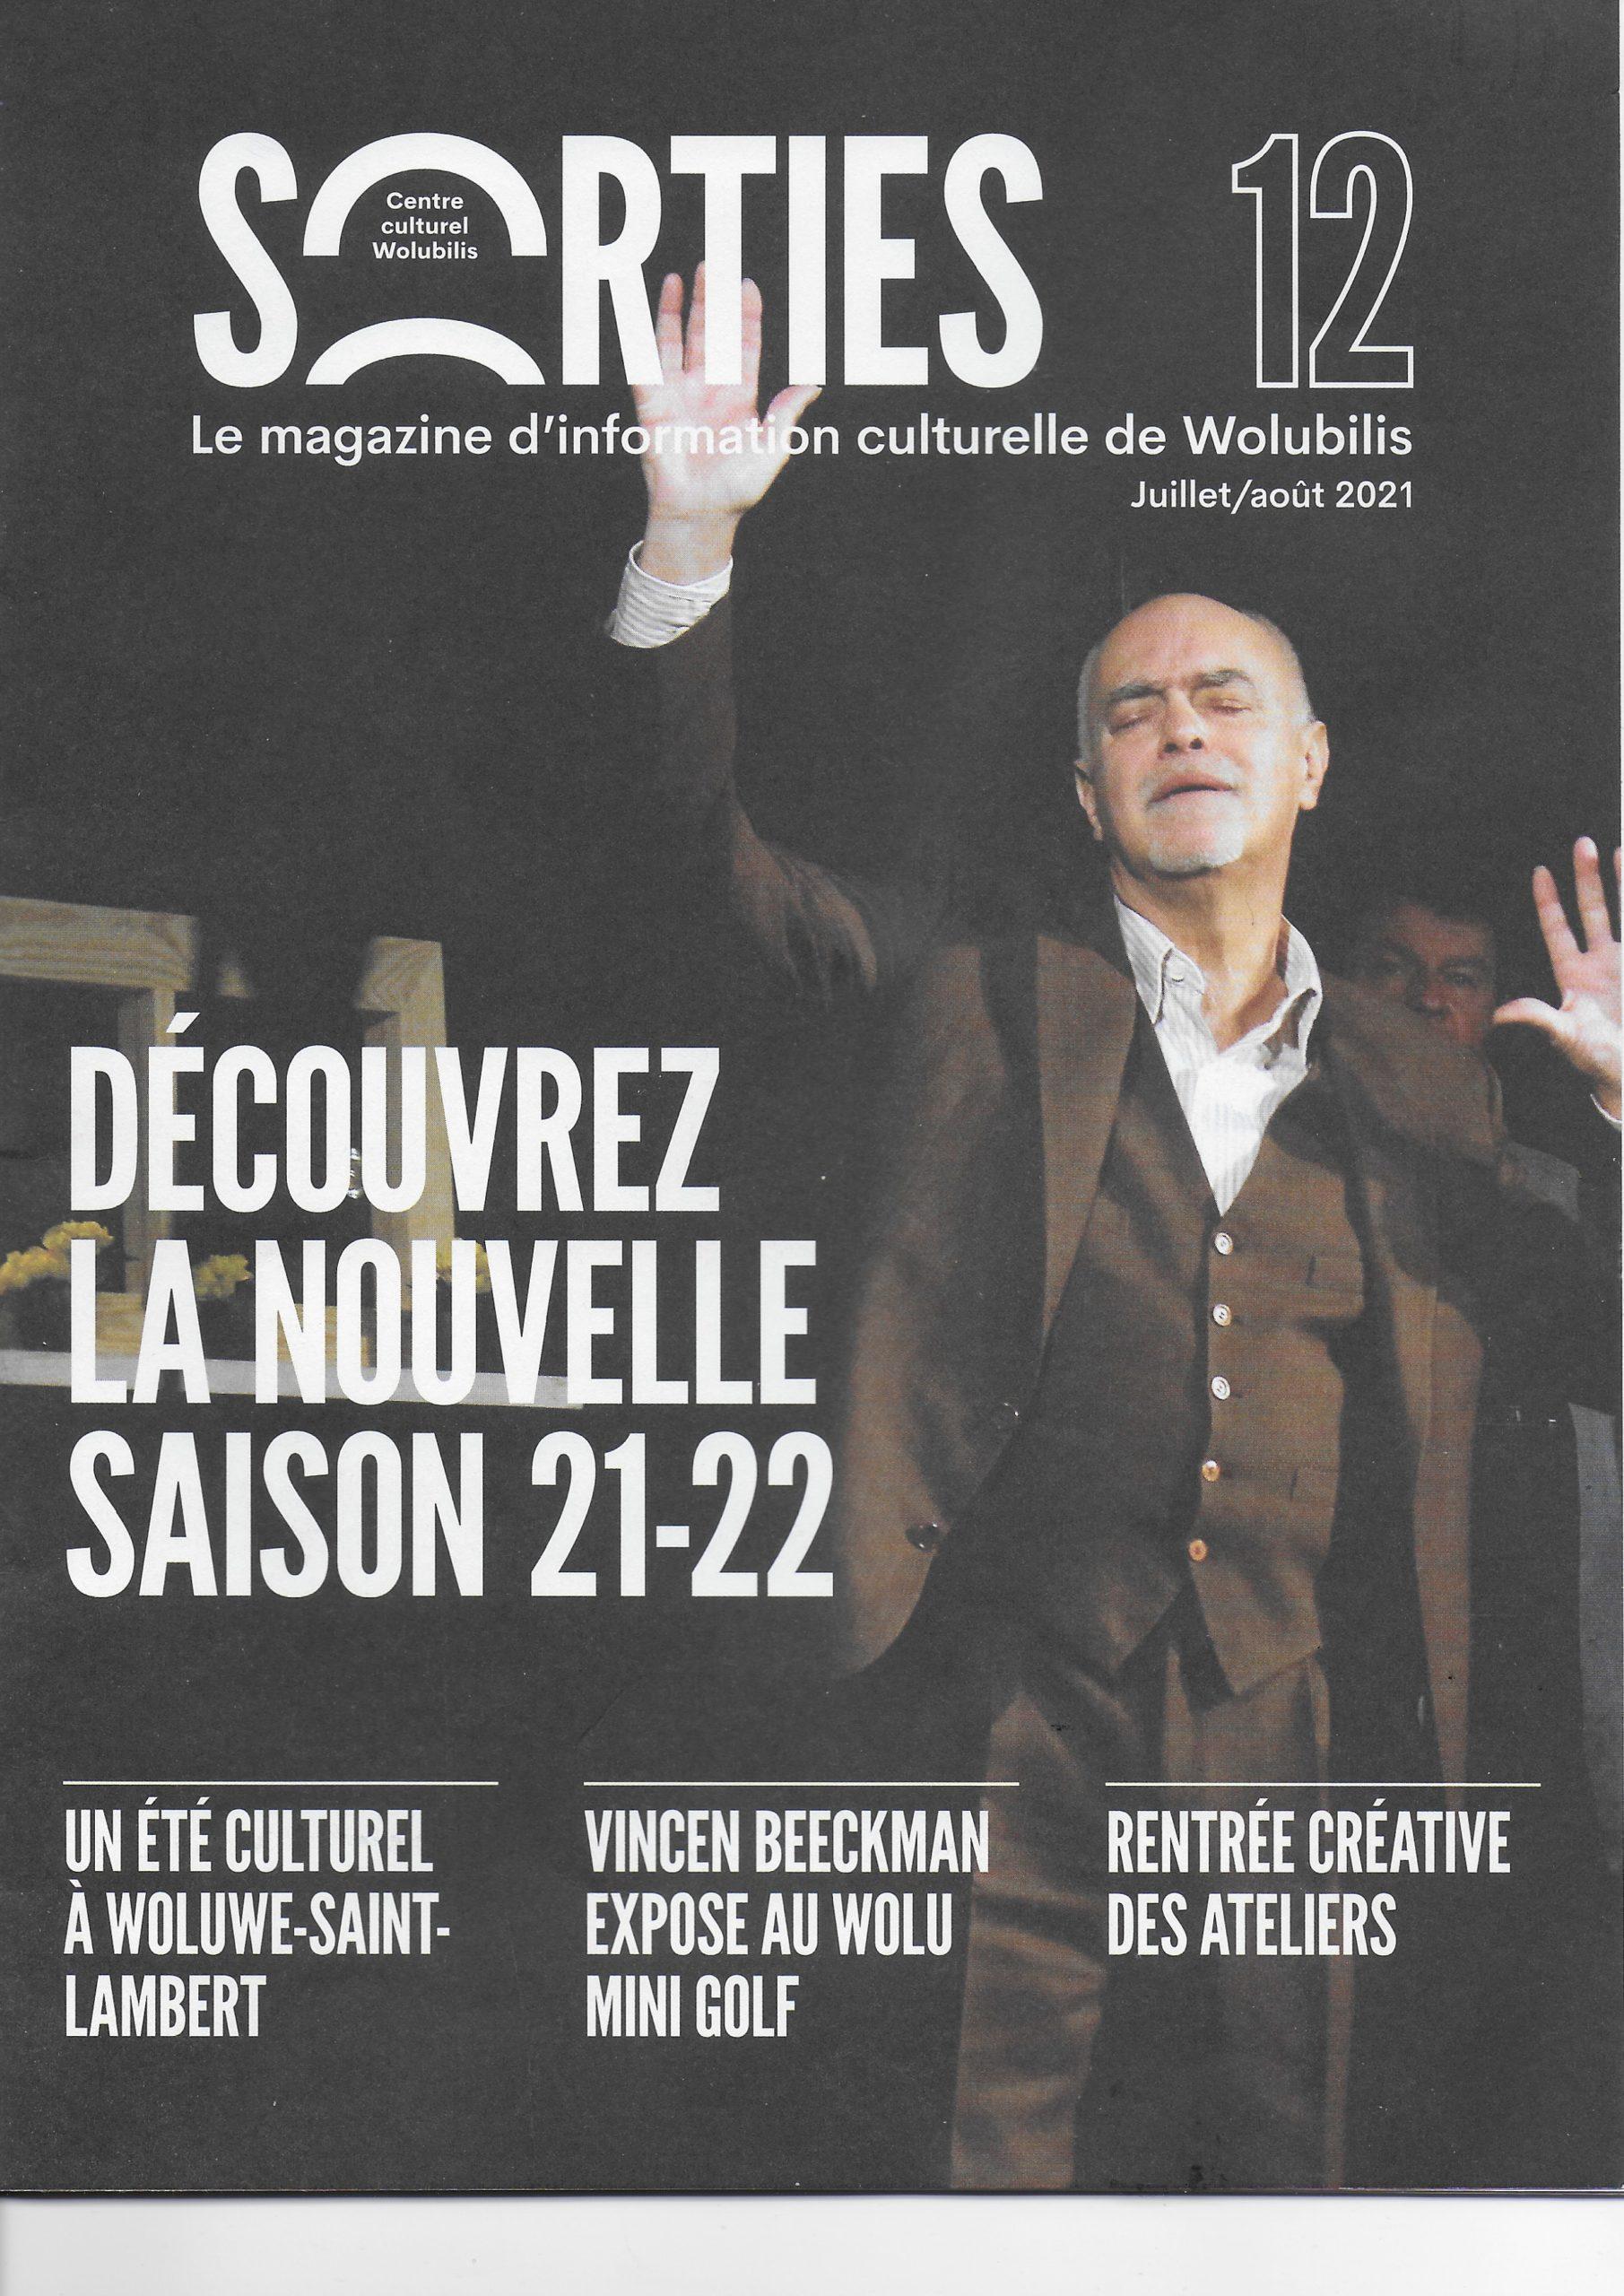 Article du magazine d'information culturelle de Wolubilis juillet/août 2021: